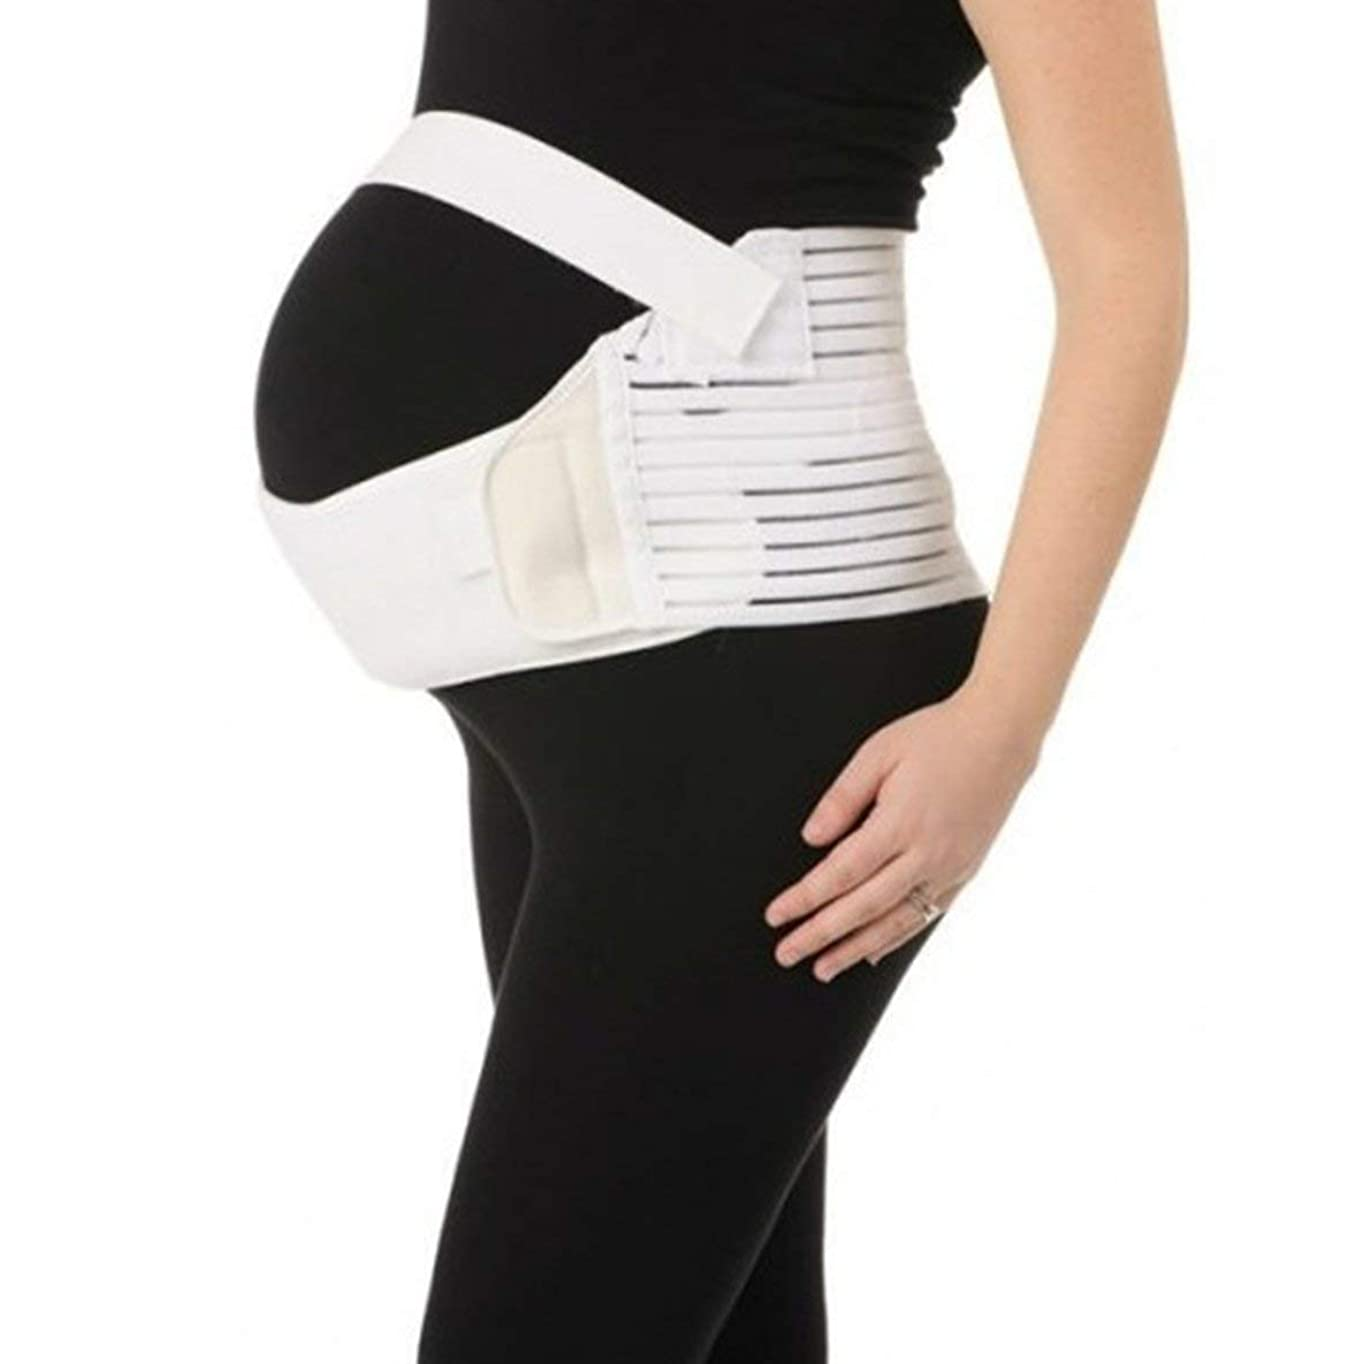 ロッド東部再開通気性マタニティベルト妊娠腹部サポート腹部バインダーガードル運動包帯産後の回復shapewear - ホワイトL